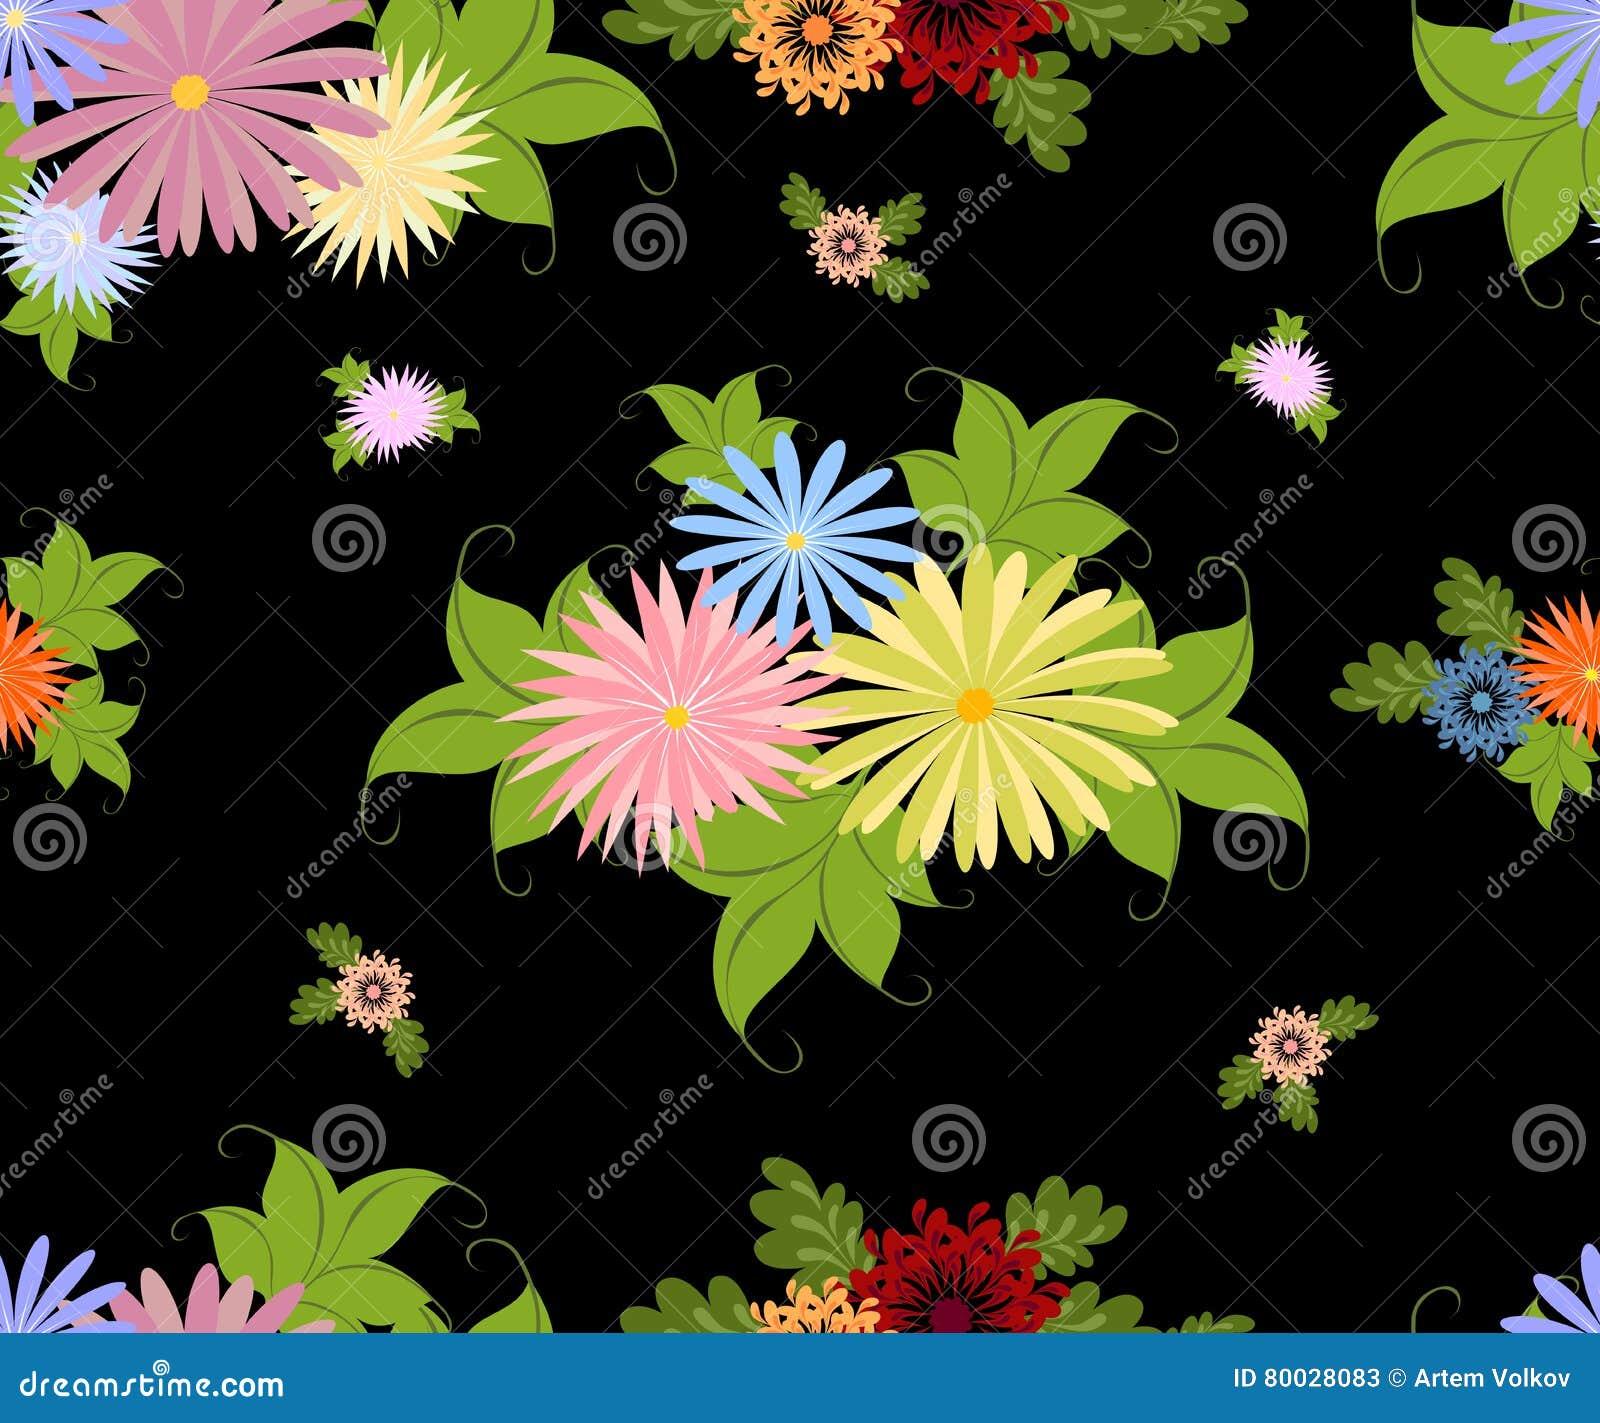 Άνευ ραφής σχέδιο με τα φωτεινά πολύχρωμα λουλούδια σε ένα ομοιογενές μαύρο υπόβαθρο EPS10 διανυσματική απεικόνιση